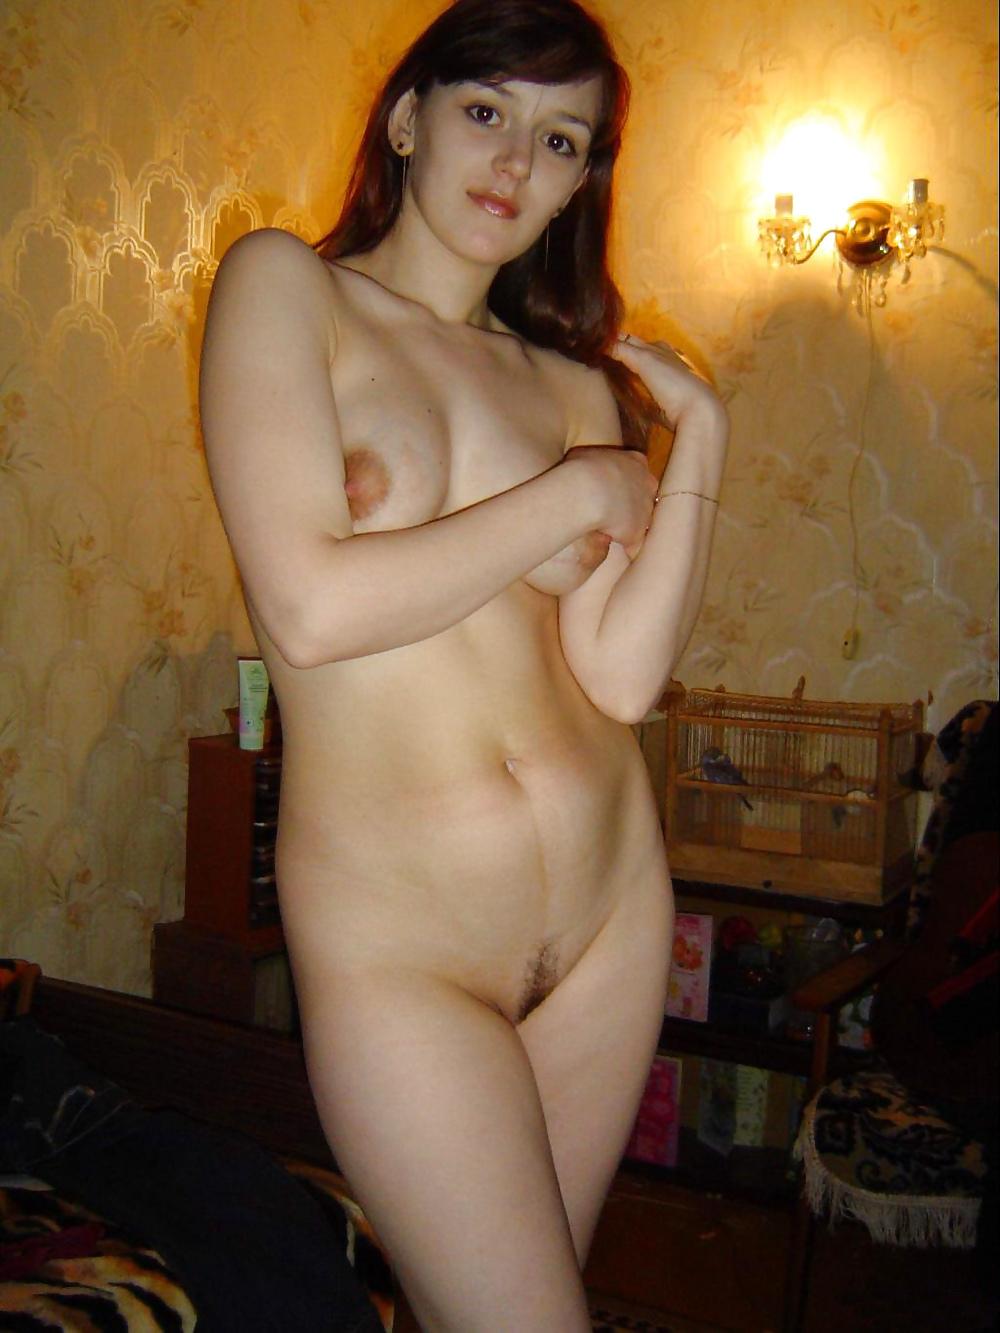 foto-golih-zhon-poziruyushih-doma-kak-lyubit-seks-russkie